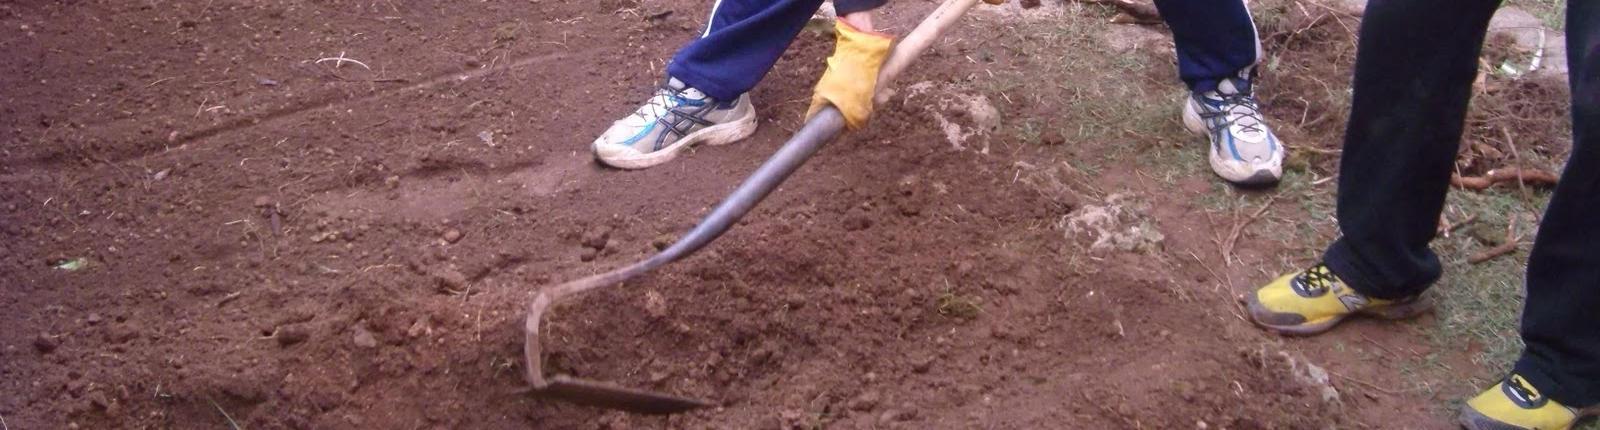 Herramientas del jardinero para preparación del terreno